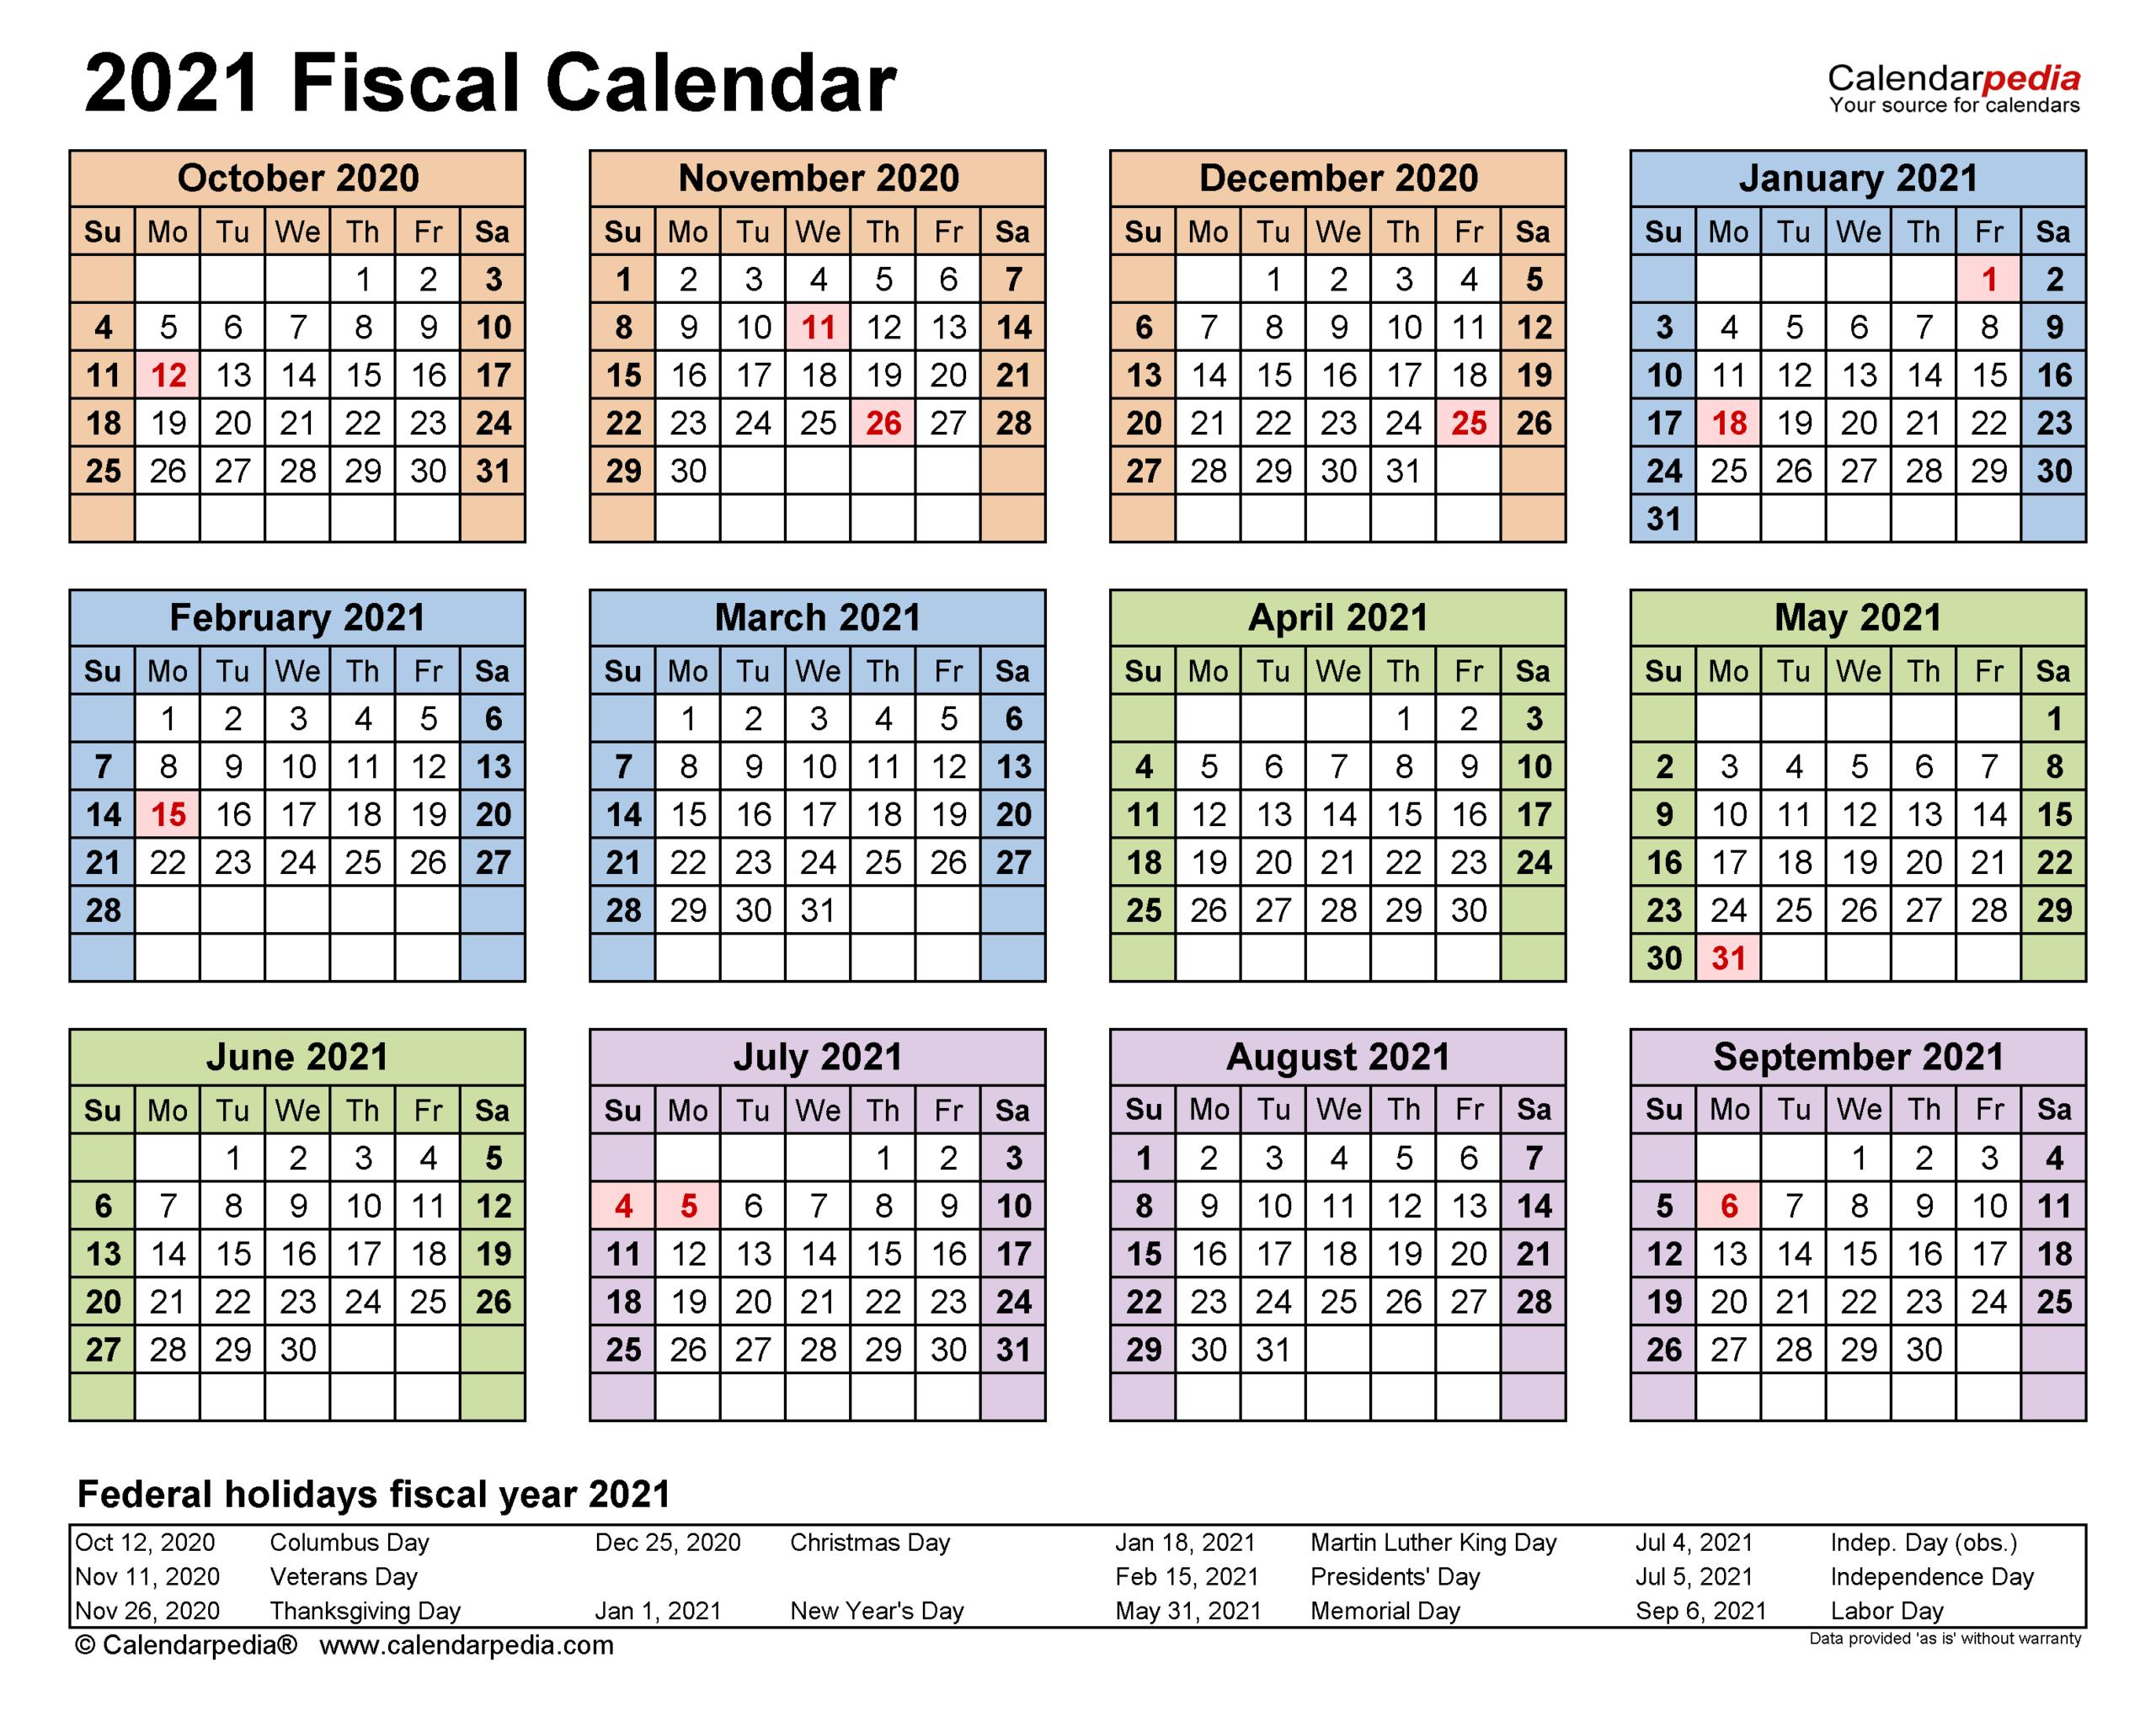 Free Printable 2021 Calendar Ontario